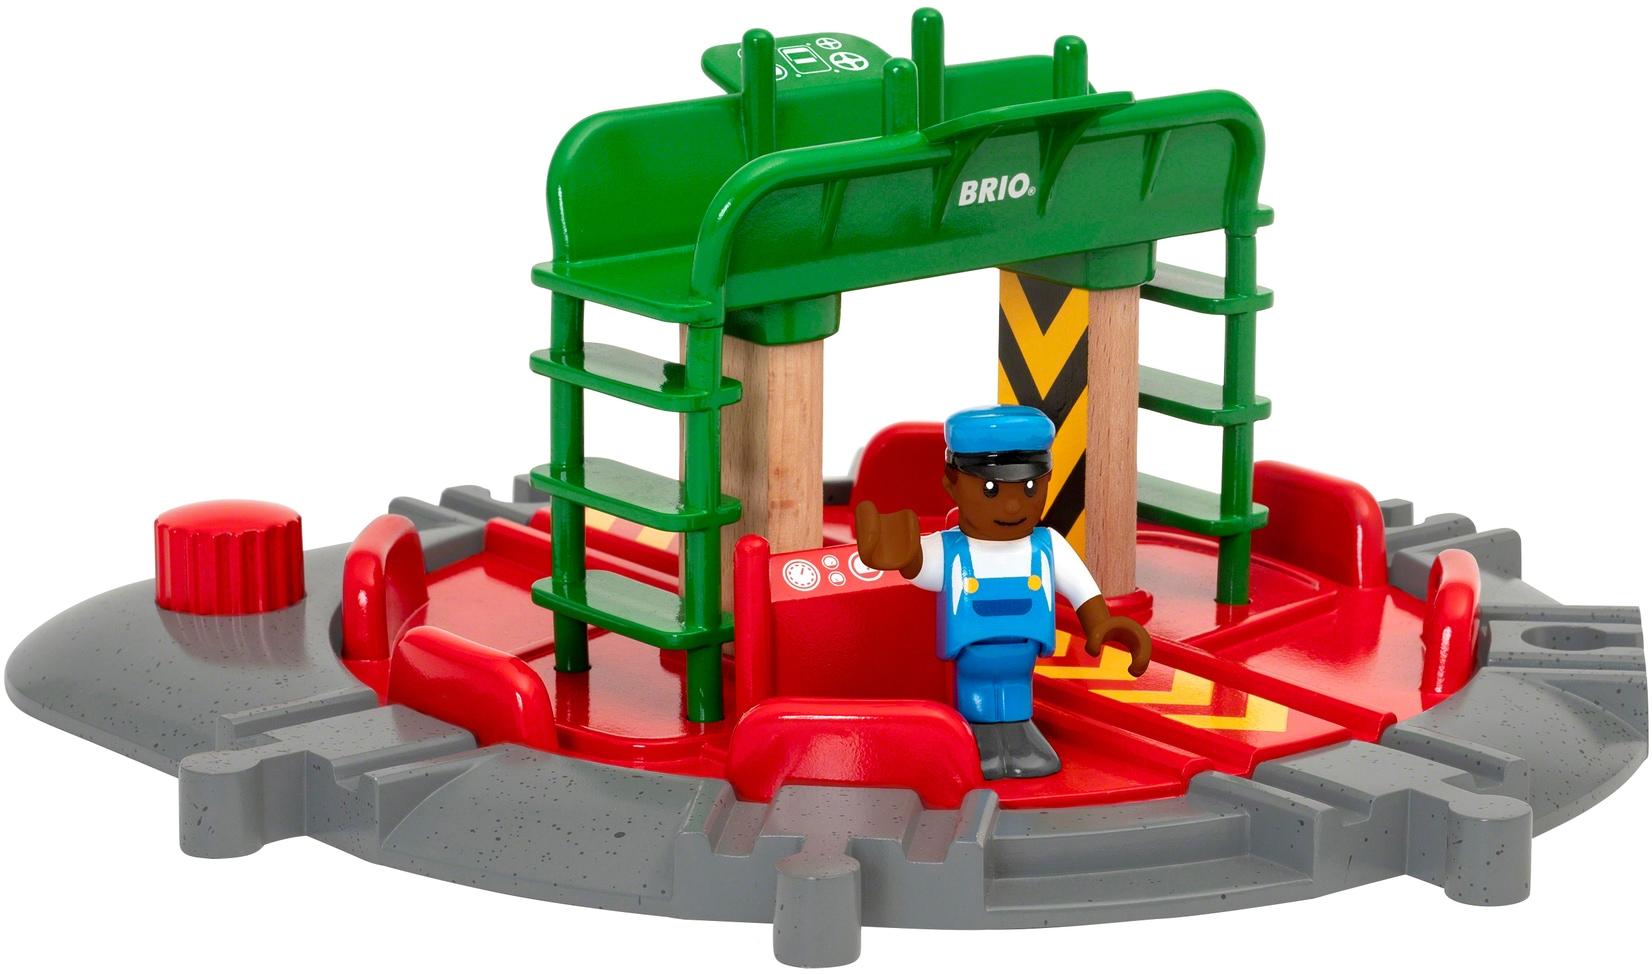 BRIO Spielzeugeisenbahn-Brücke WORLD Lok-Drehscheibe mit Kontrollbrücke bunt Kinder Kindereisenbahnen Autos, Eisenbahn Modellbau Spielzeugeisenbahn-Erweiterungen